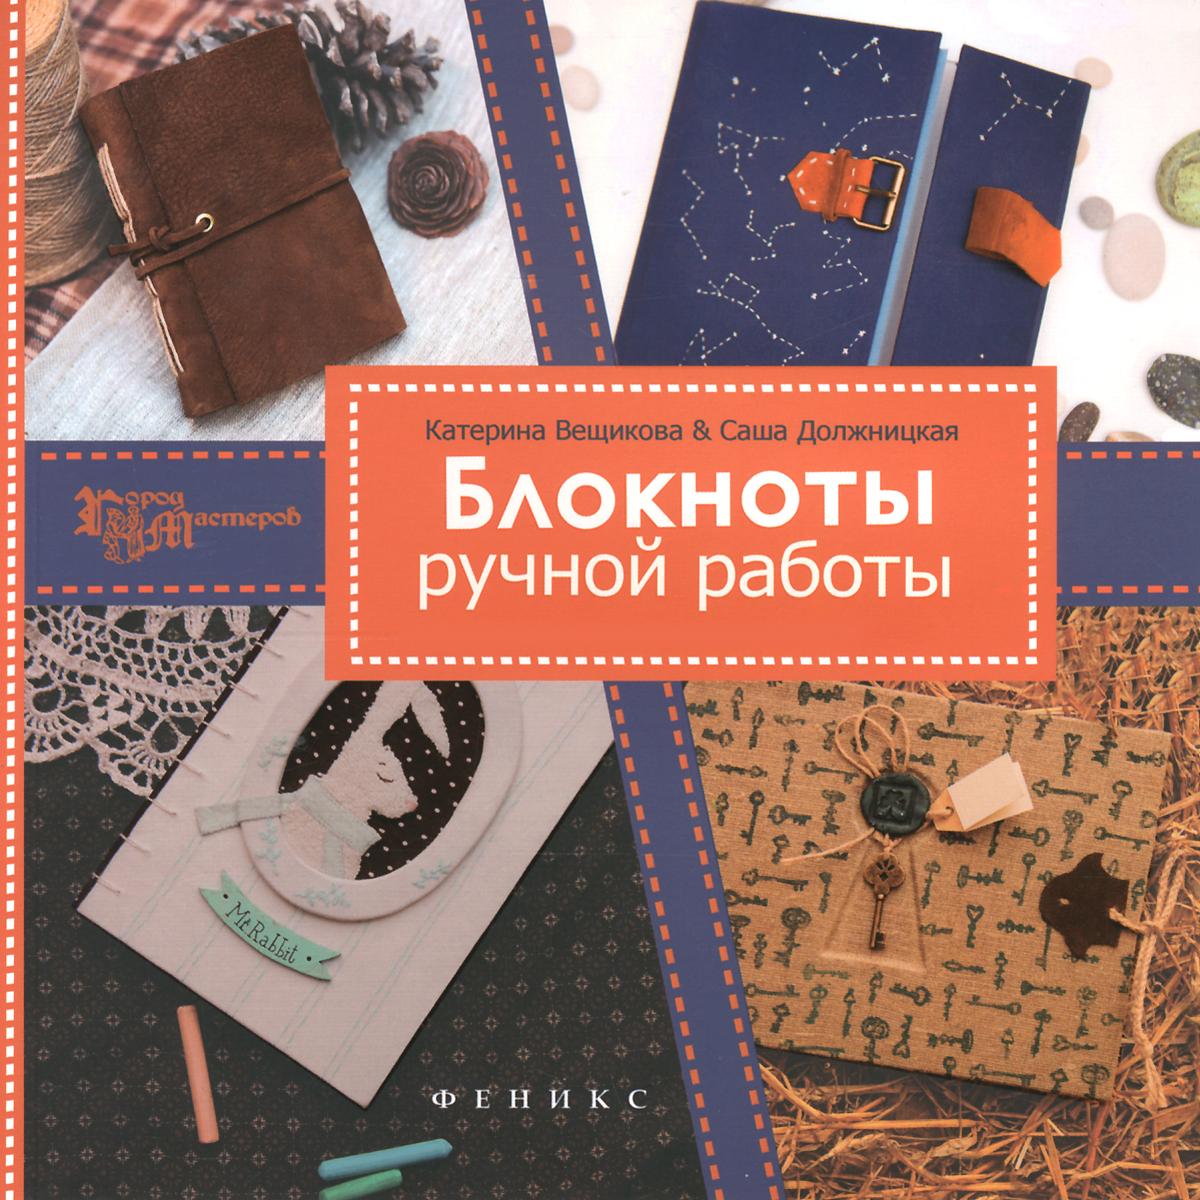 Катерина Вещикова, Саша Должницкая. Блокноты ручной работы